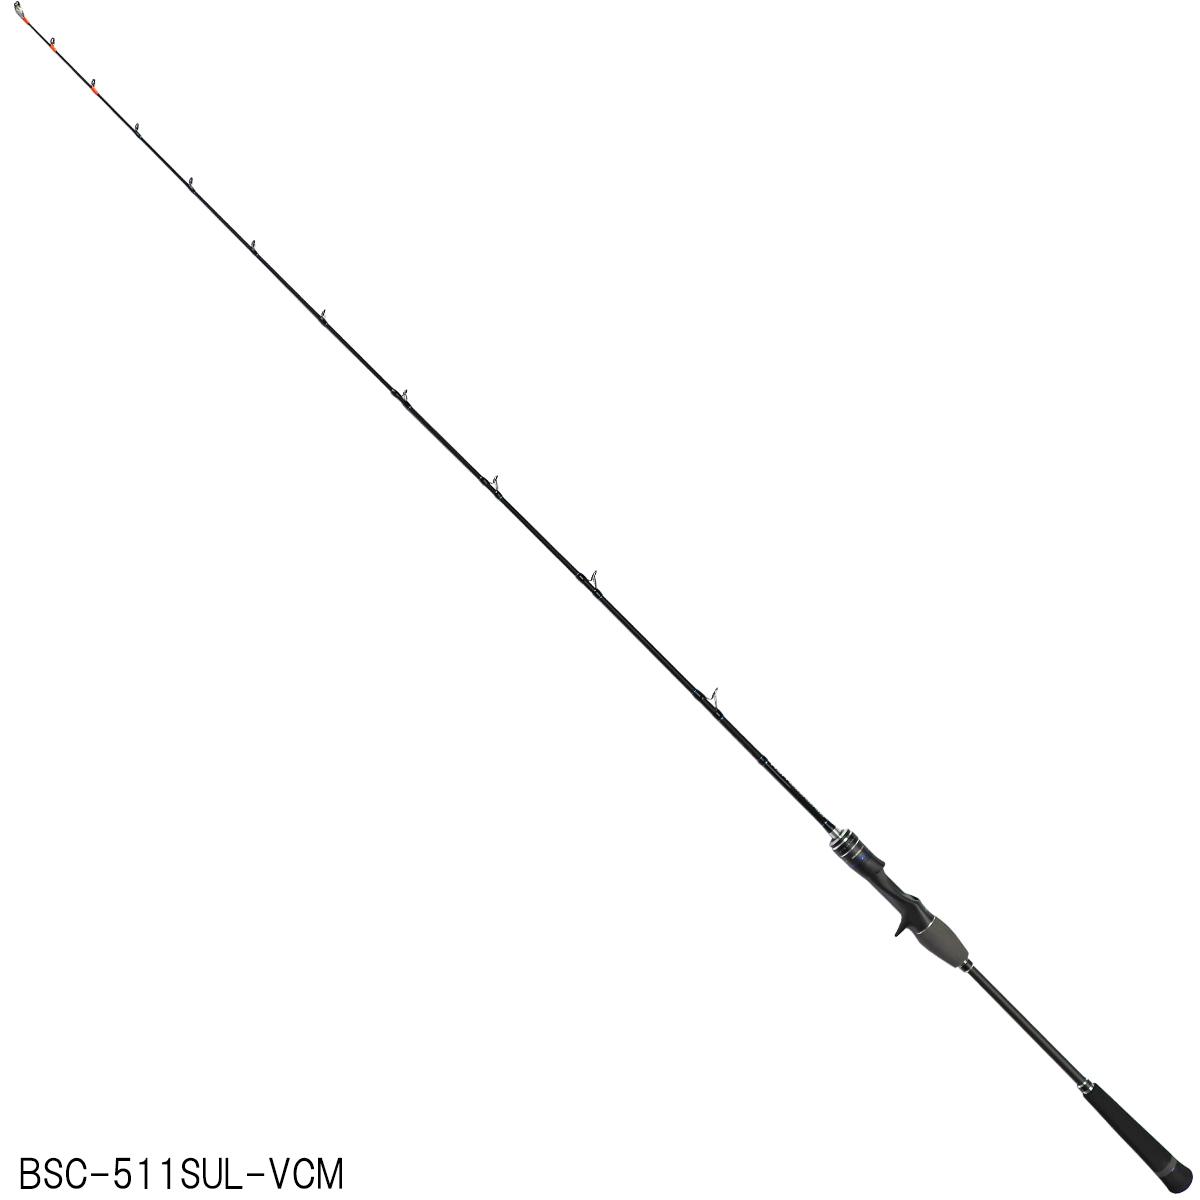 お見舞い ジャッカル BIN-BIN STICK ジャッカル VCM BIN-BIN BSC-511SUL-VCM【大型商品 STICK】, 大特価屋:c91def69 --- clftranspo.dominiotemporario.com